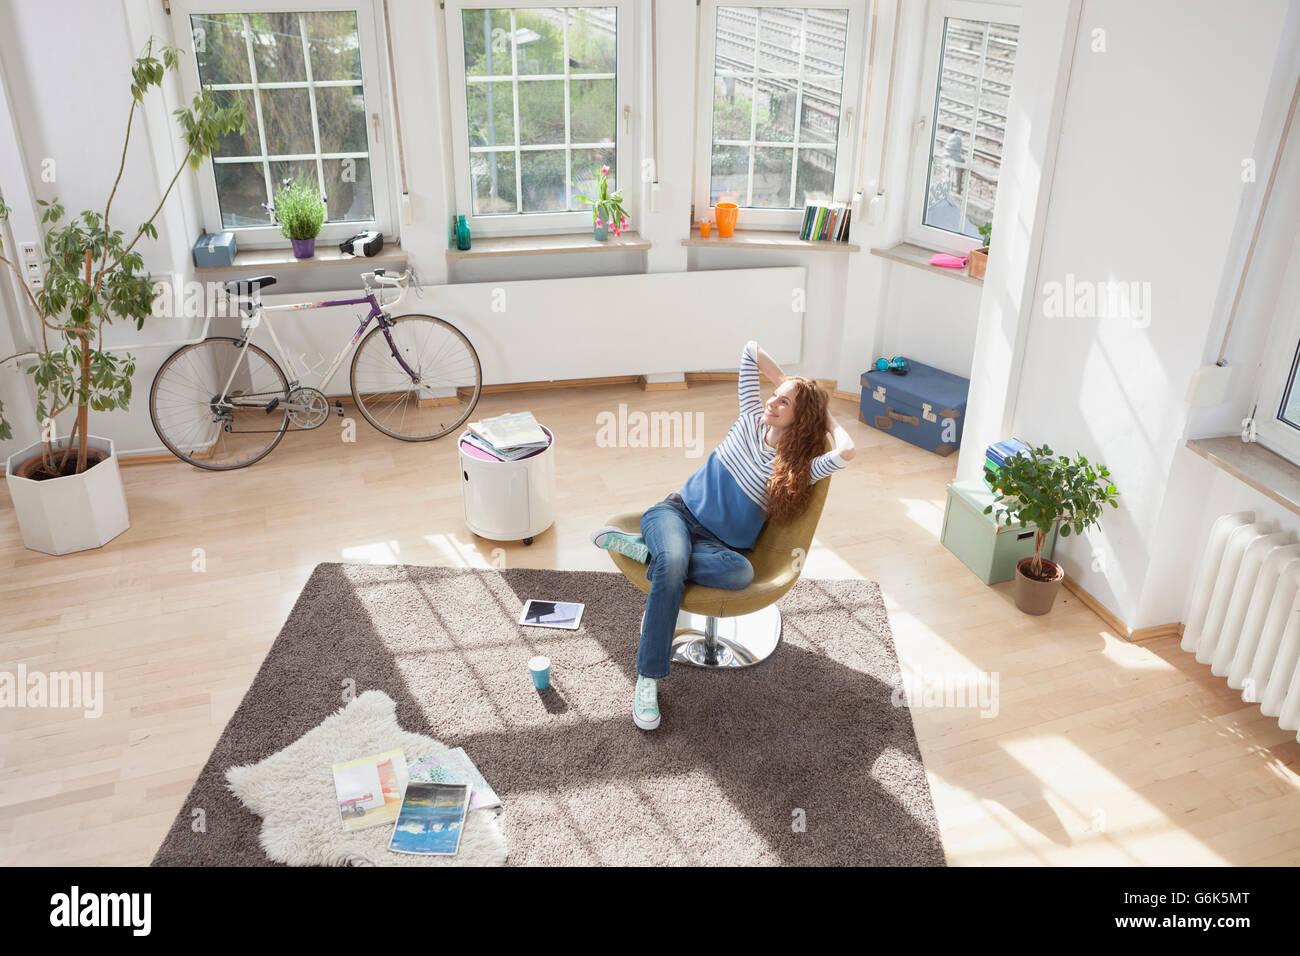 Mujer relajado en casa, sentado en la silla Imagen De Stock